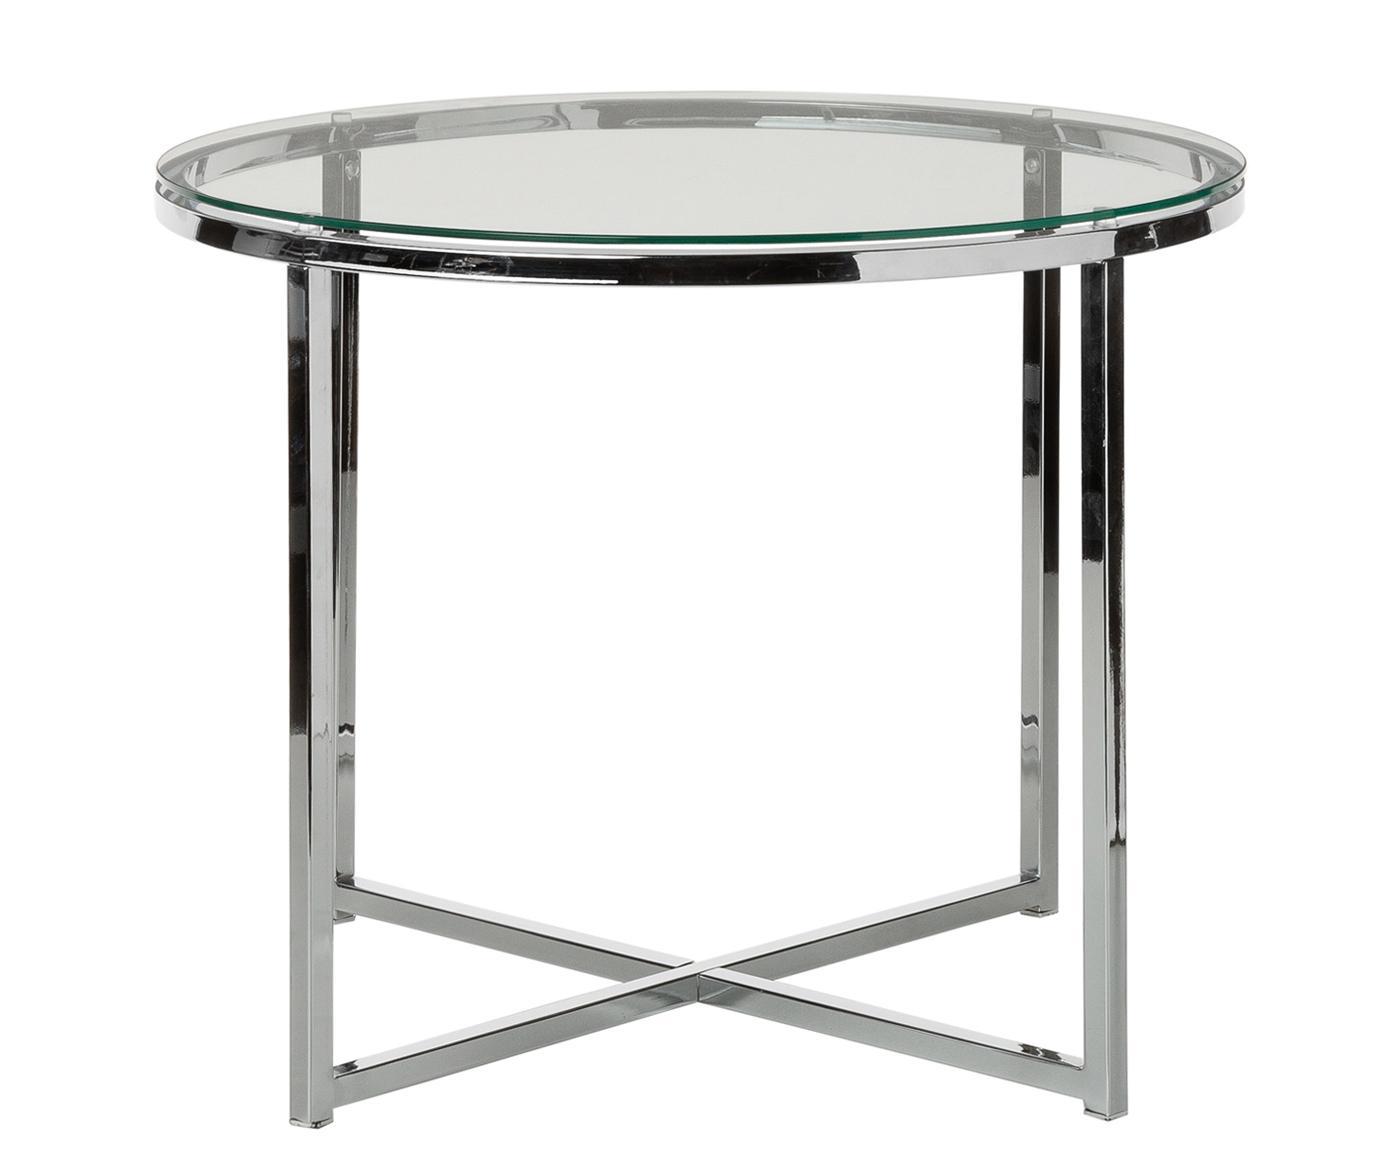 Beistelltisch Matheo mit Glasplatte, Gestell: Metall, verchromt, Tischplatte: Sicherheitsglas, Silber, Ø 55 x H 45 cm